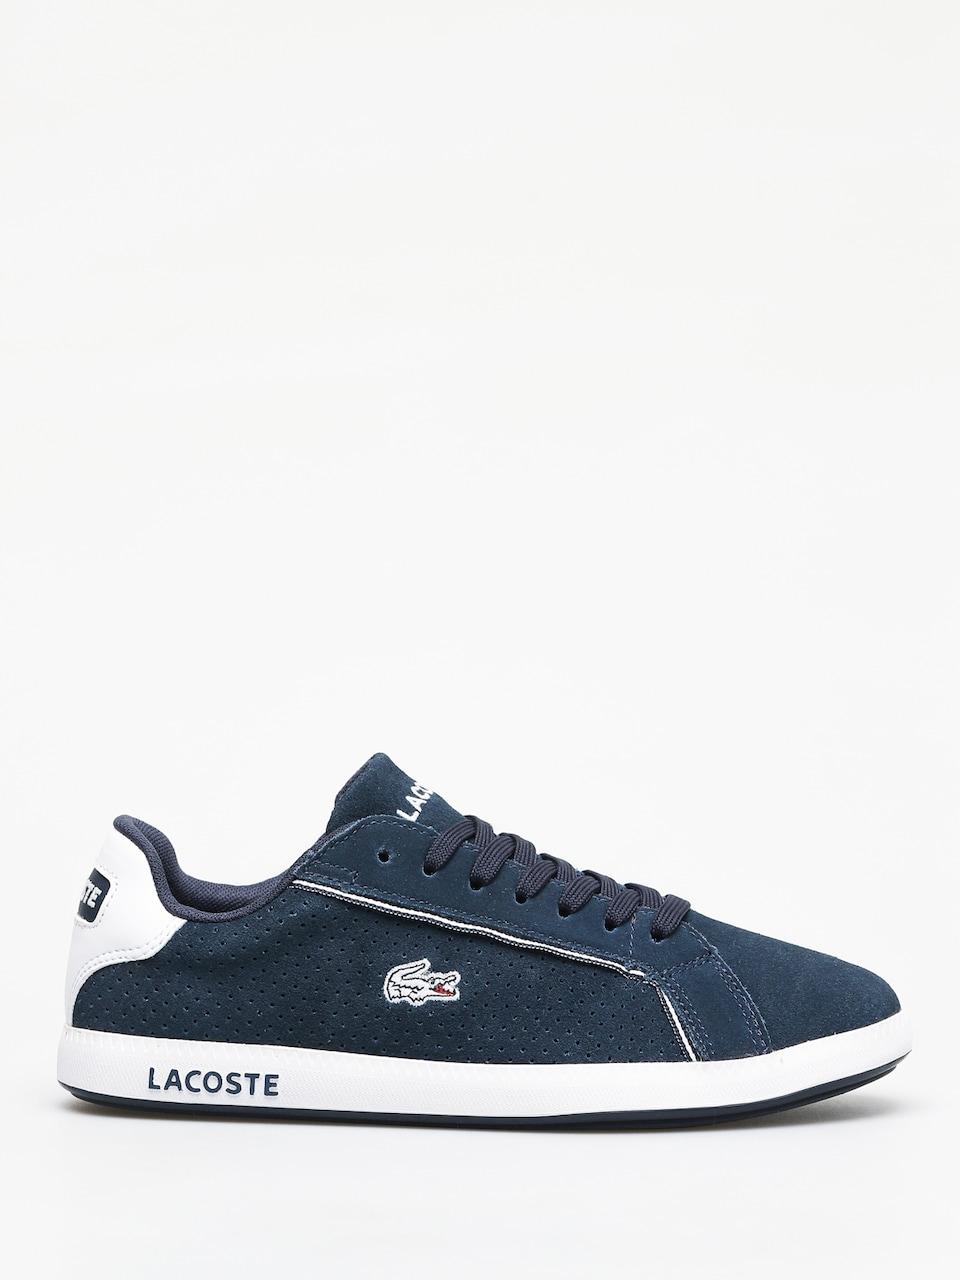 Lacoste Graduate 119 4 Shoes Wmn (navy